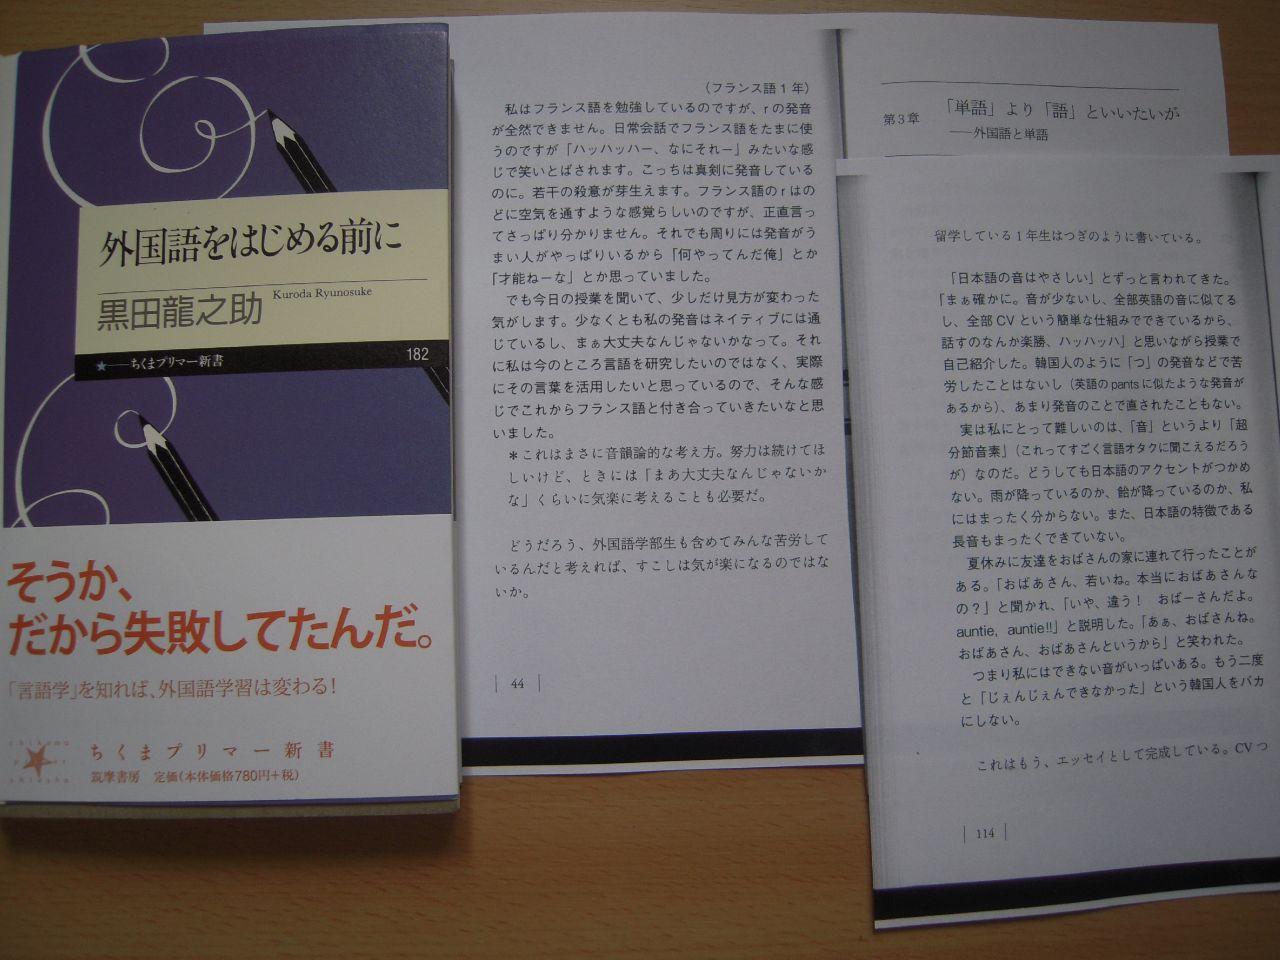 黒田龍之助先生の「外国語をはじめる前に」 (8月4日)_c0059093_12125223.jpg